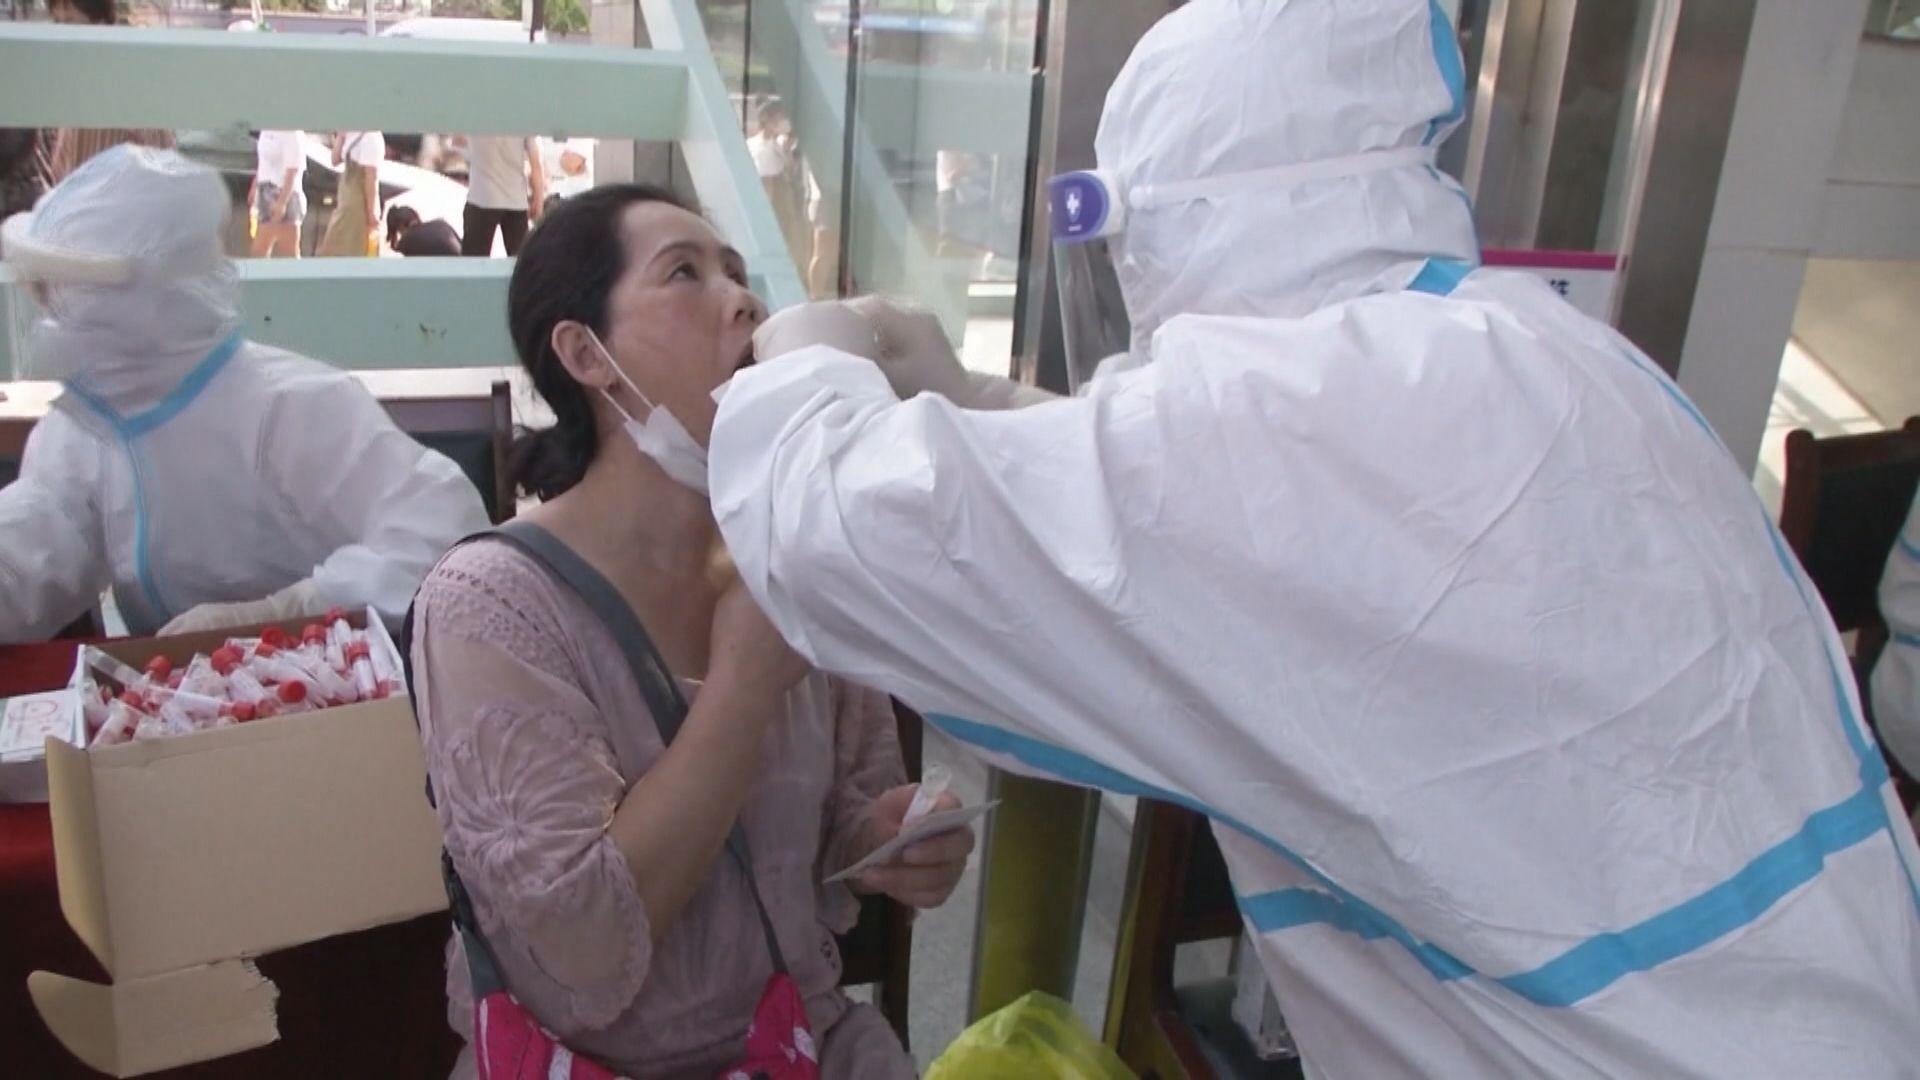 遼寧省大連市疫情持續 傳播鏈在四省七城市蔓延